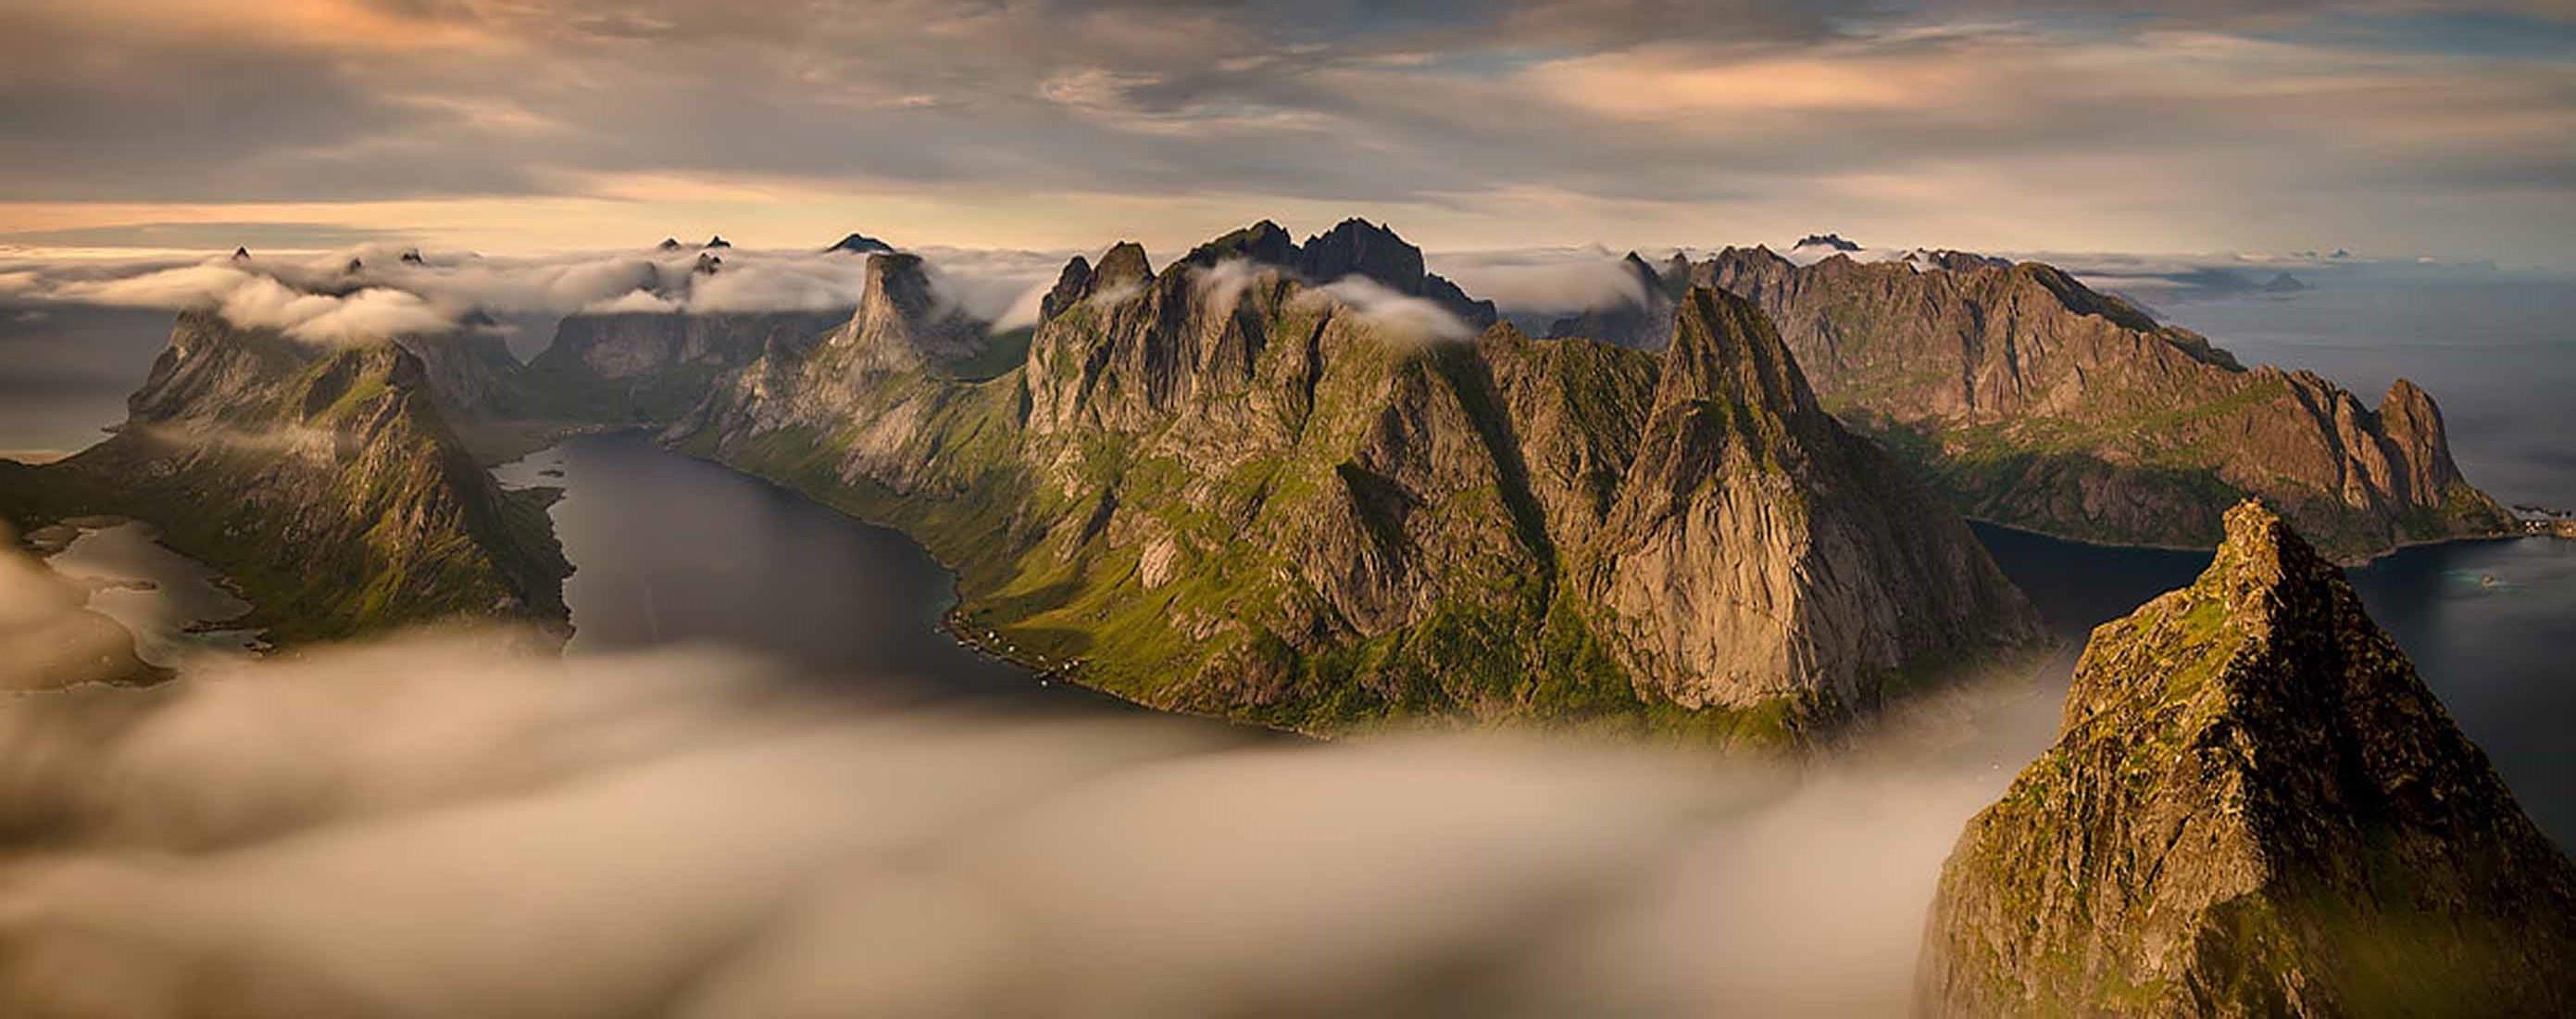 08_2015_O_N_Wojciech_Kruczynski-Helvete-1100x435.jpg